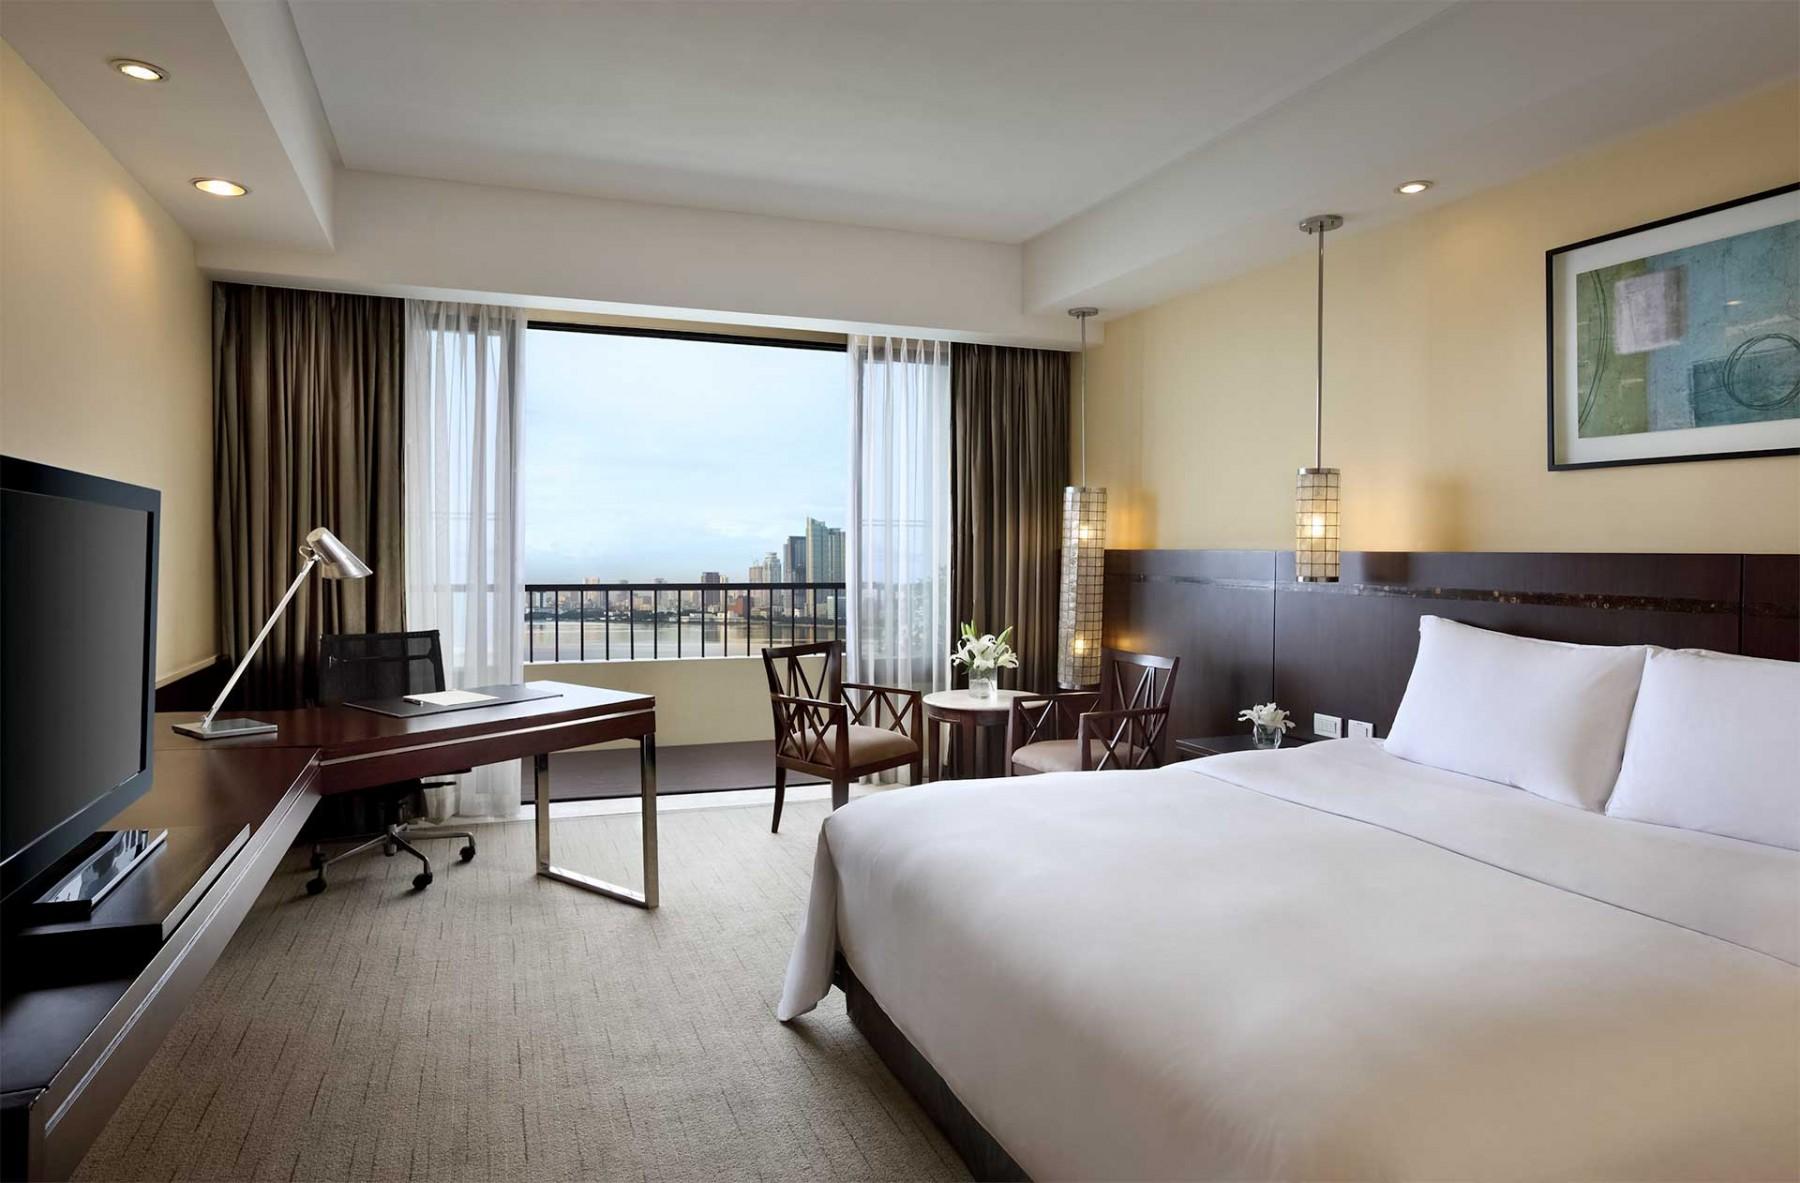 Esteso il bonus mobili per gli hotel - IlGiornale.it